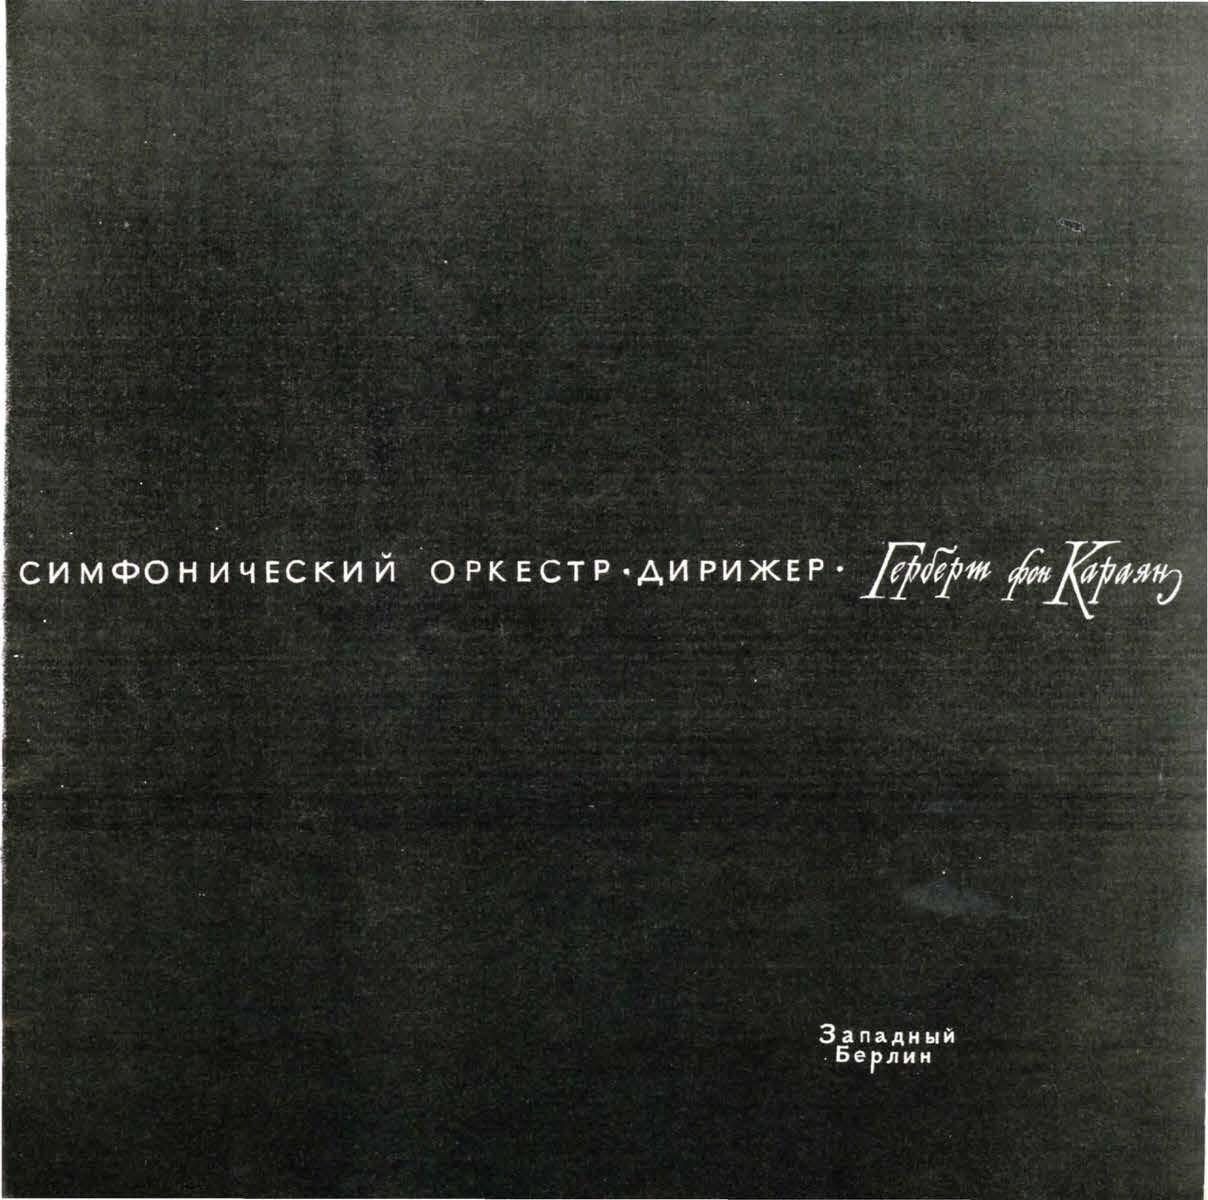 Titelblatt des Programmhefts. Übersetzung: Symphonisches Orchester. Leiter. Herbert von Karajan. West-Berlin. Archiv Berliner Philharmoniker